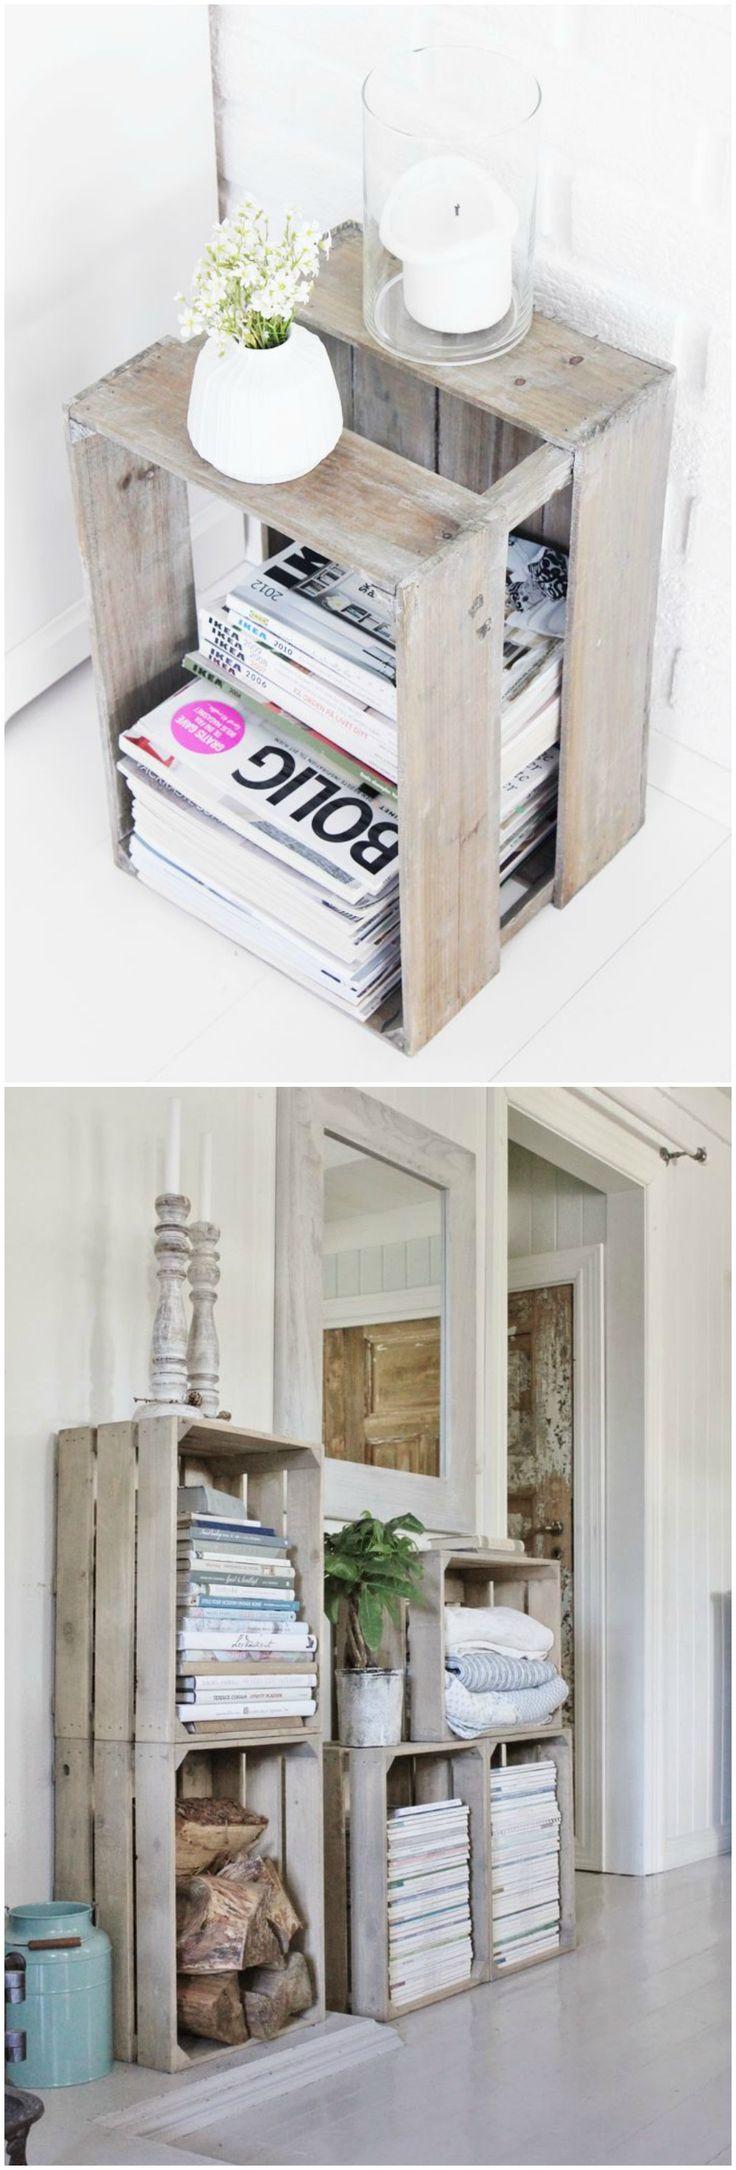 Almacenar revistas. Reciclar revistas. Visto en www.ecodecomobiliario.com